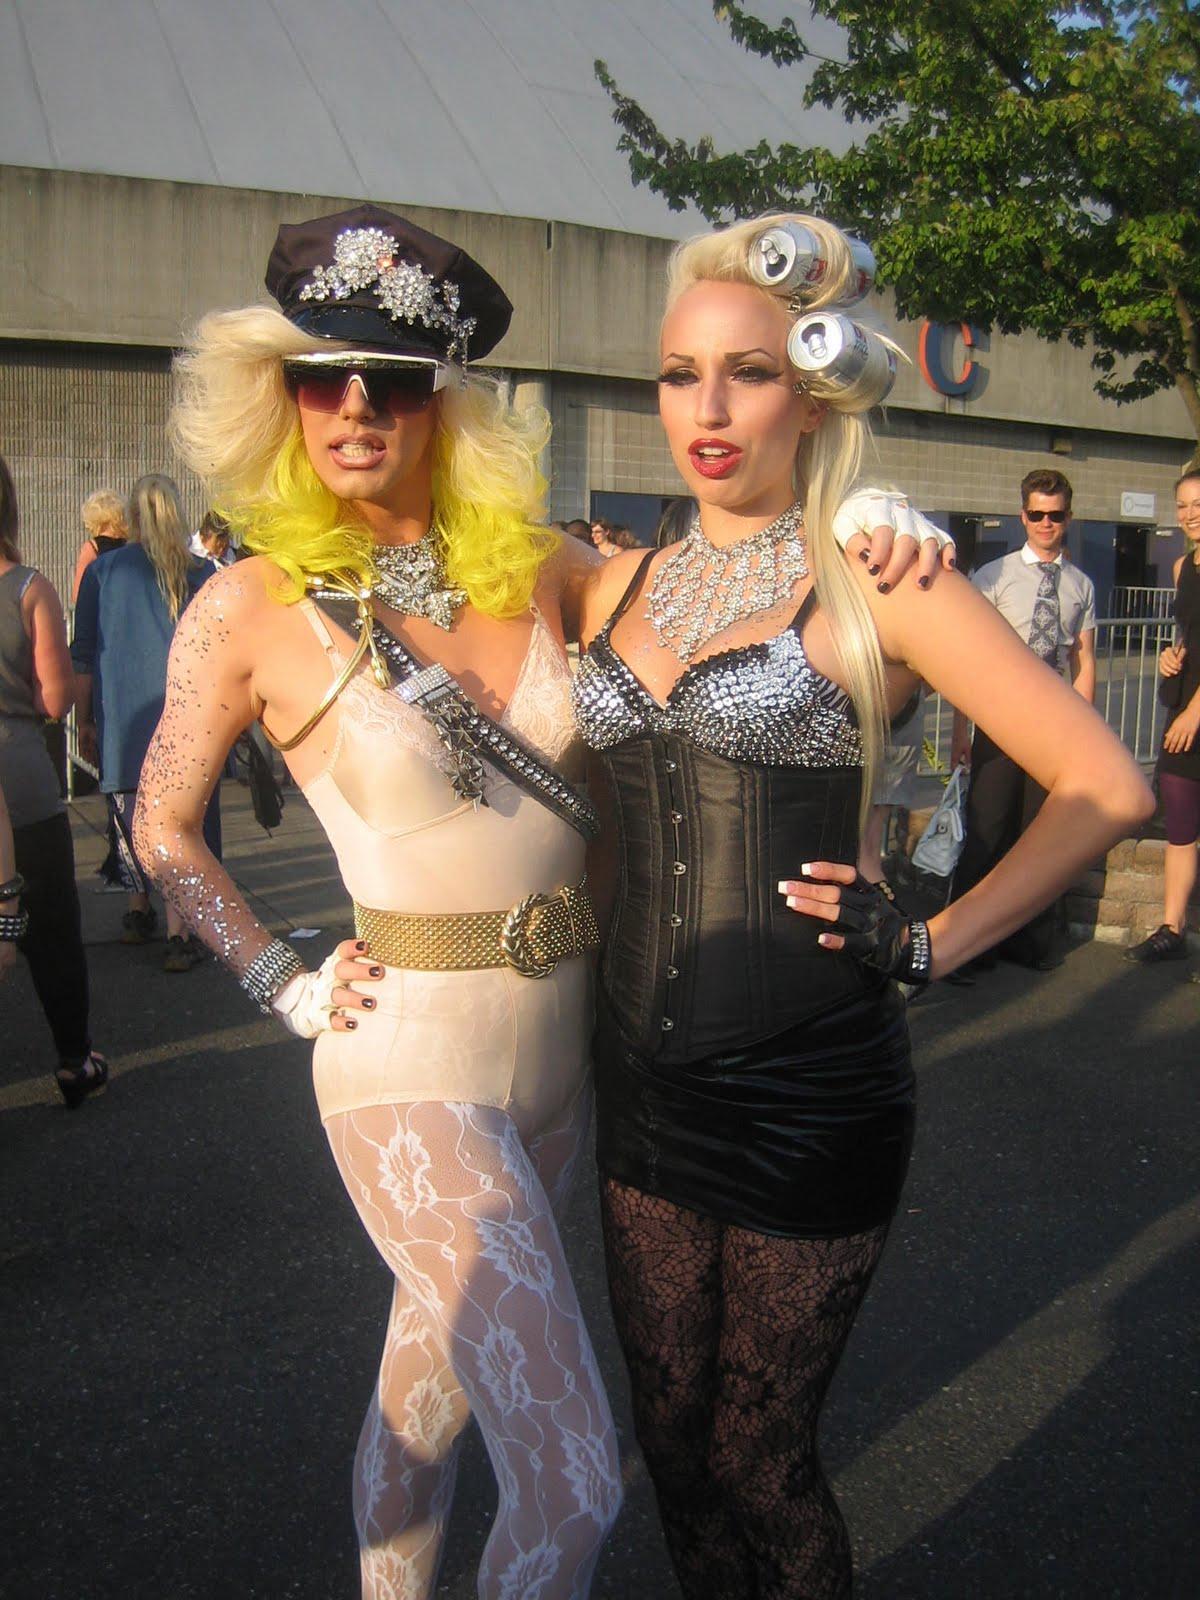 http://4.bp.blogspot.com/_z22KIafhDkw/THcW4Q4BVmI/AAAAAAAABG4/4jKUAq2WQH0/s1600/Lady+Gaga+5.jpg